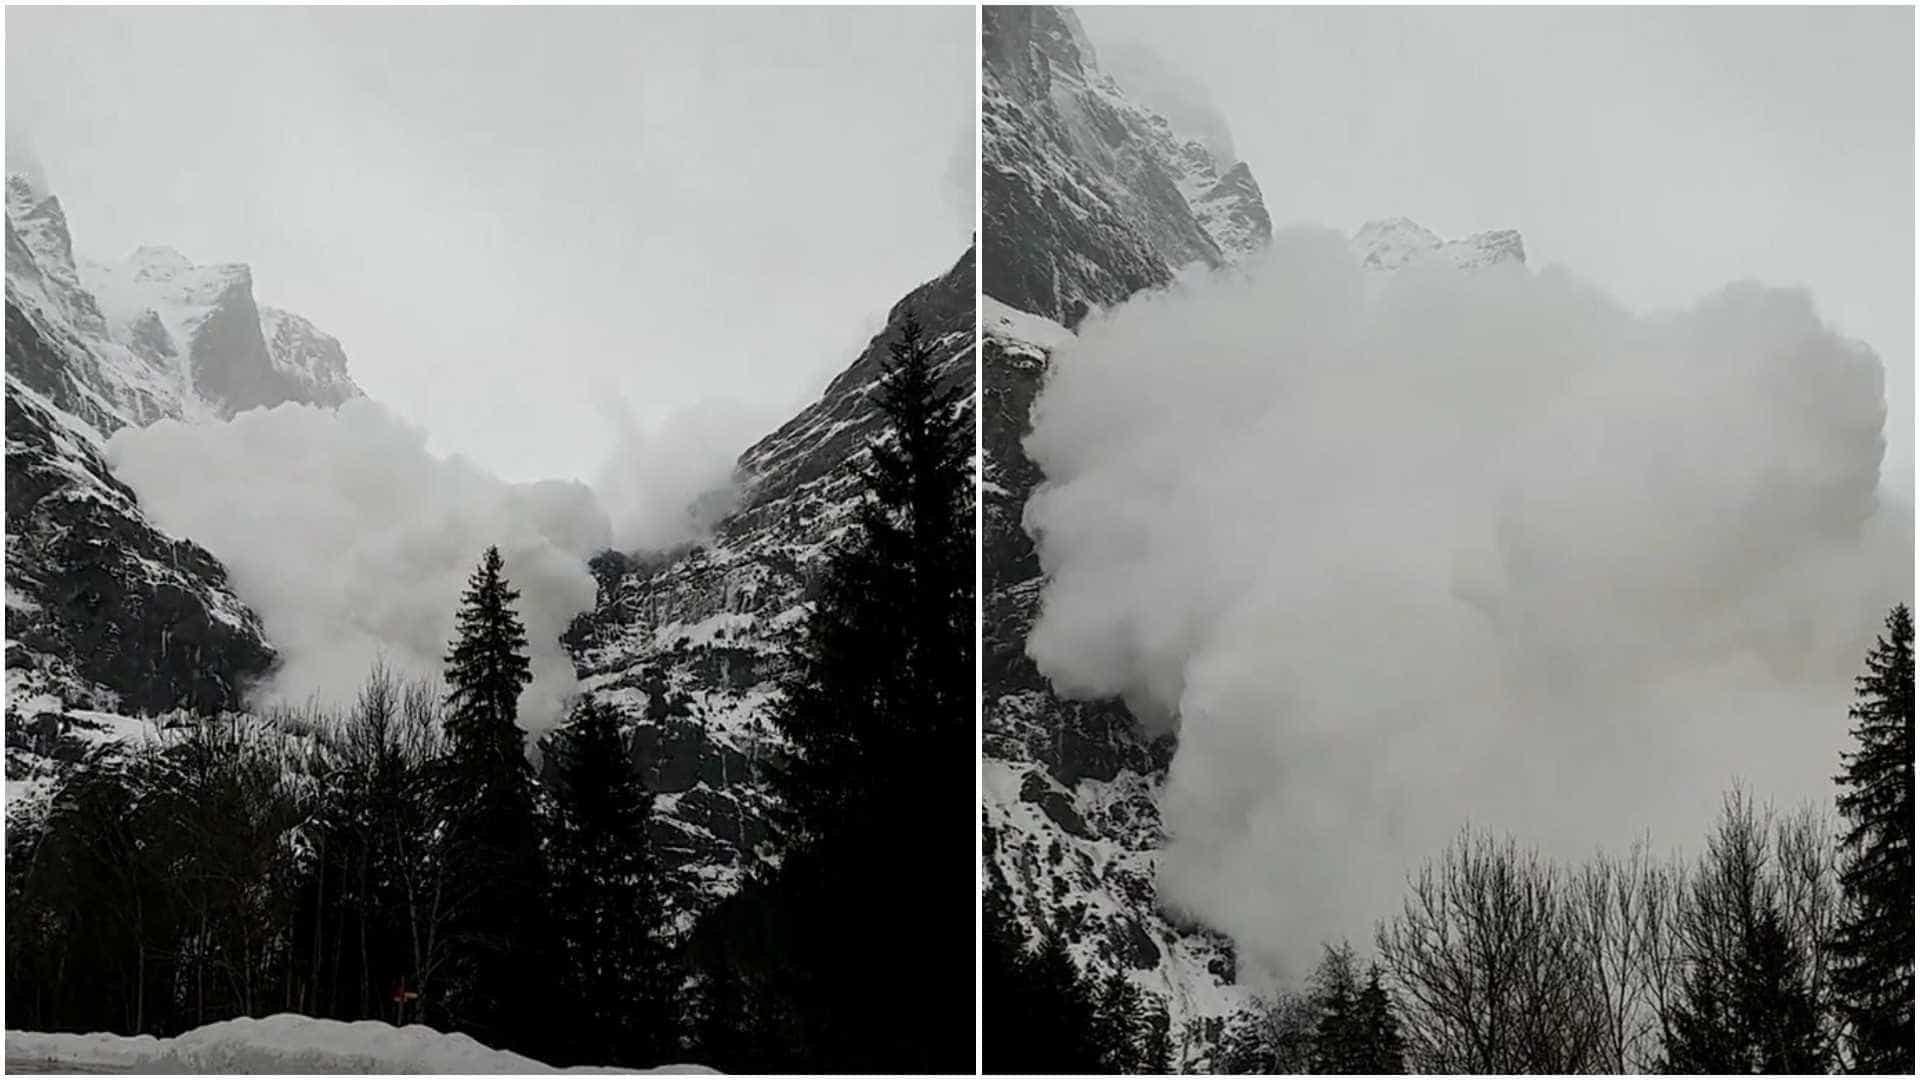 Avalanche assustadora registrada de perto na Suíça